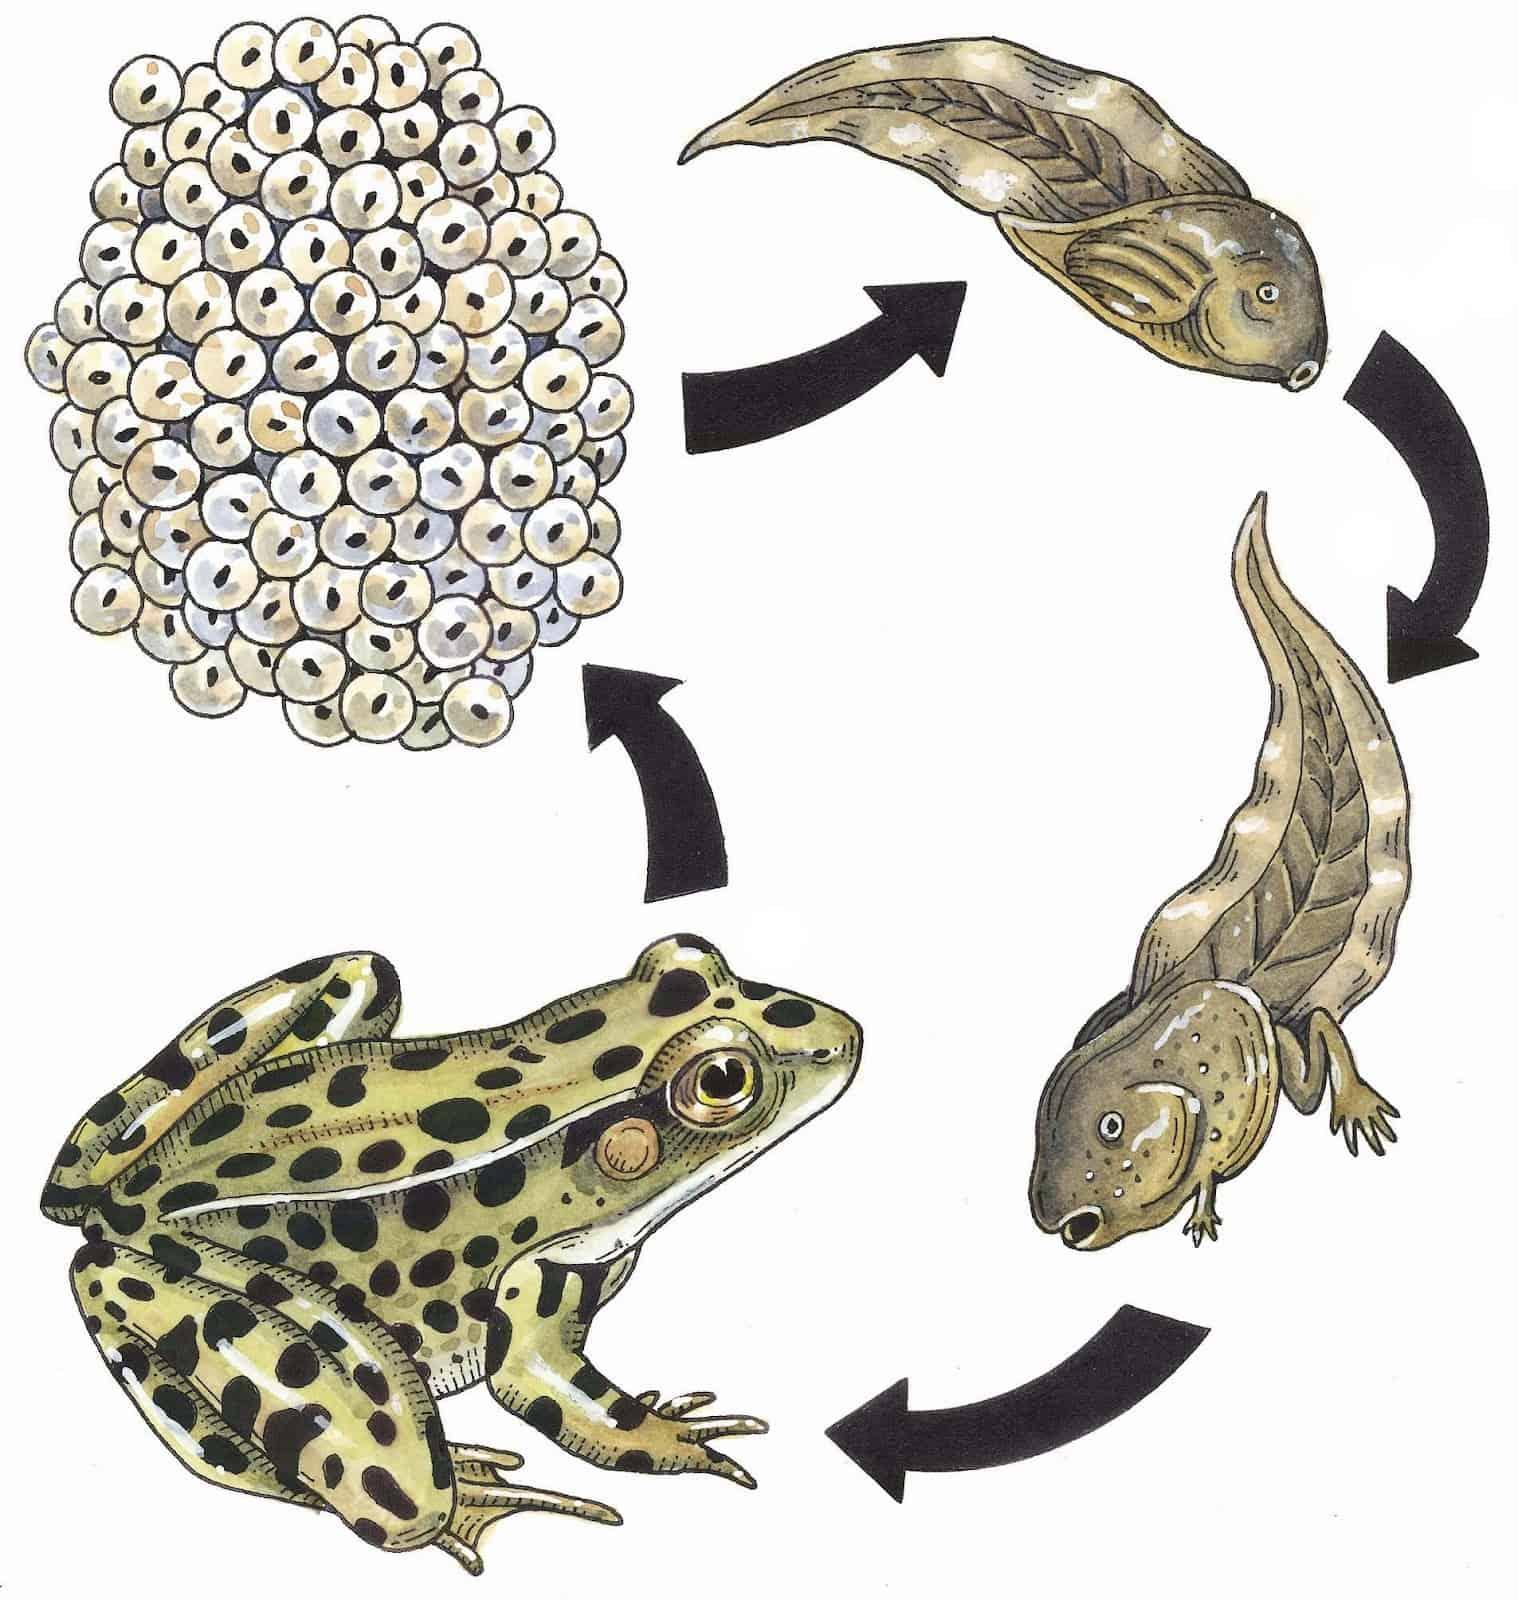 Bron: frogsjumpingcrazy.blogspot.nl